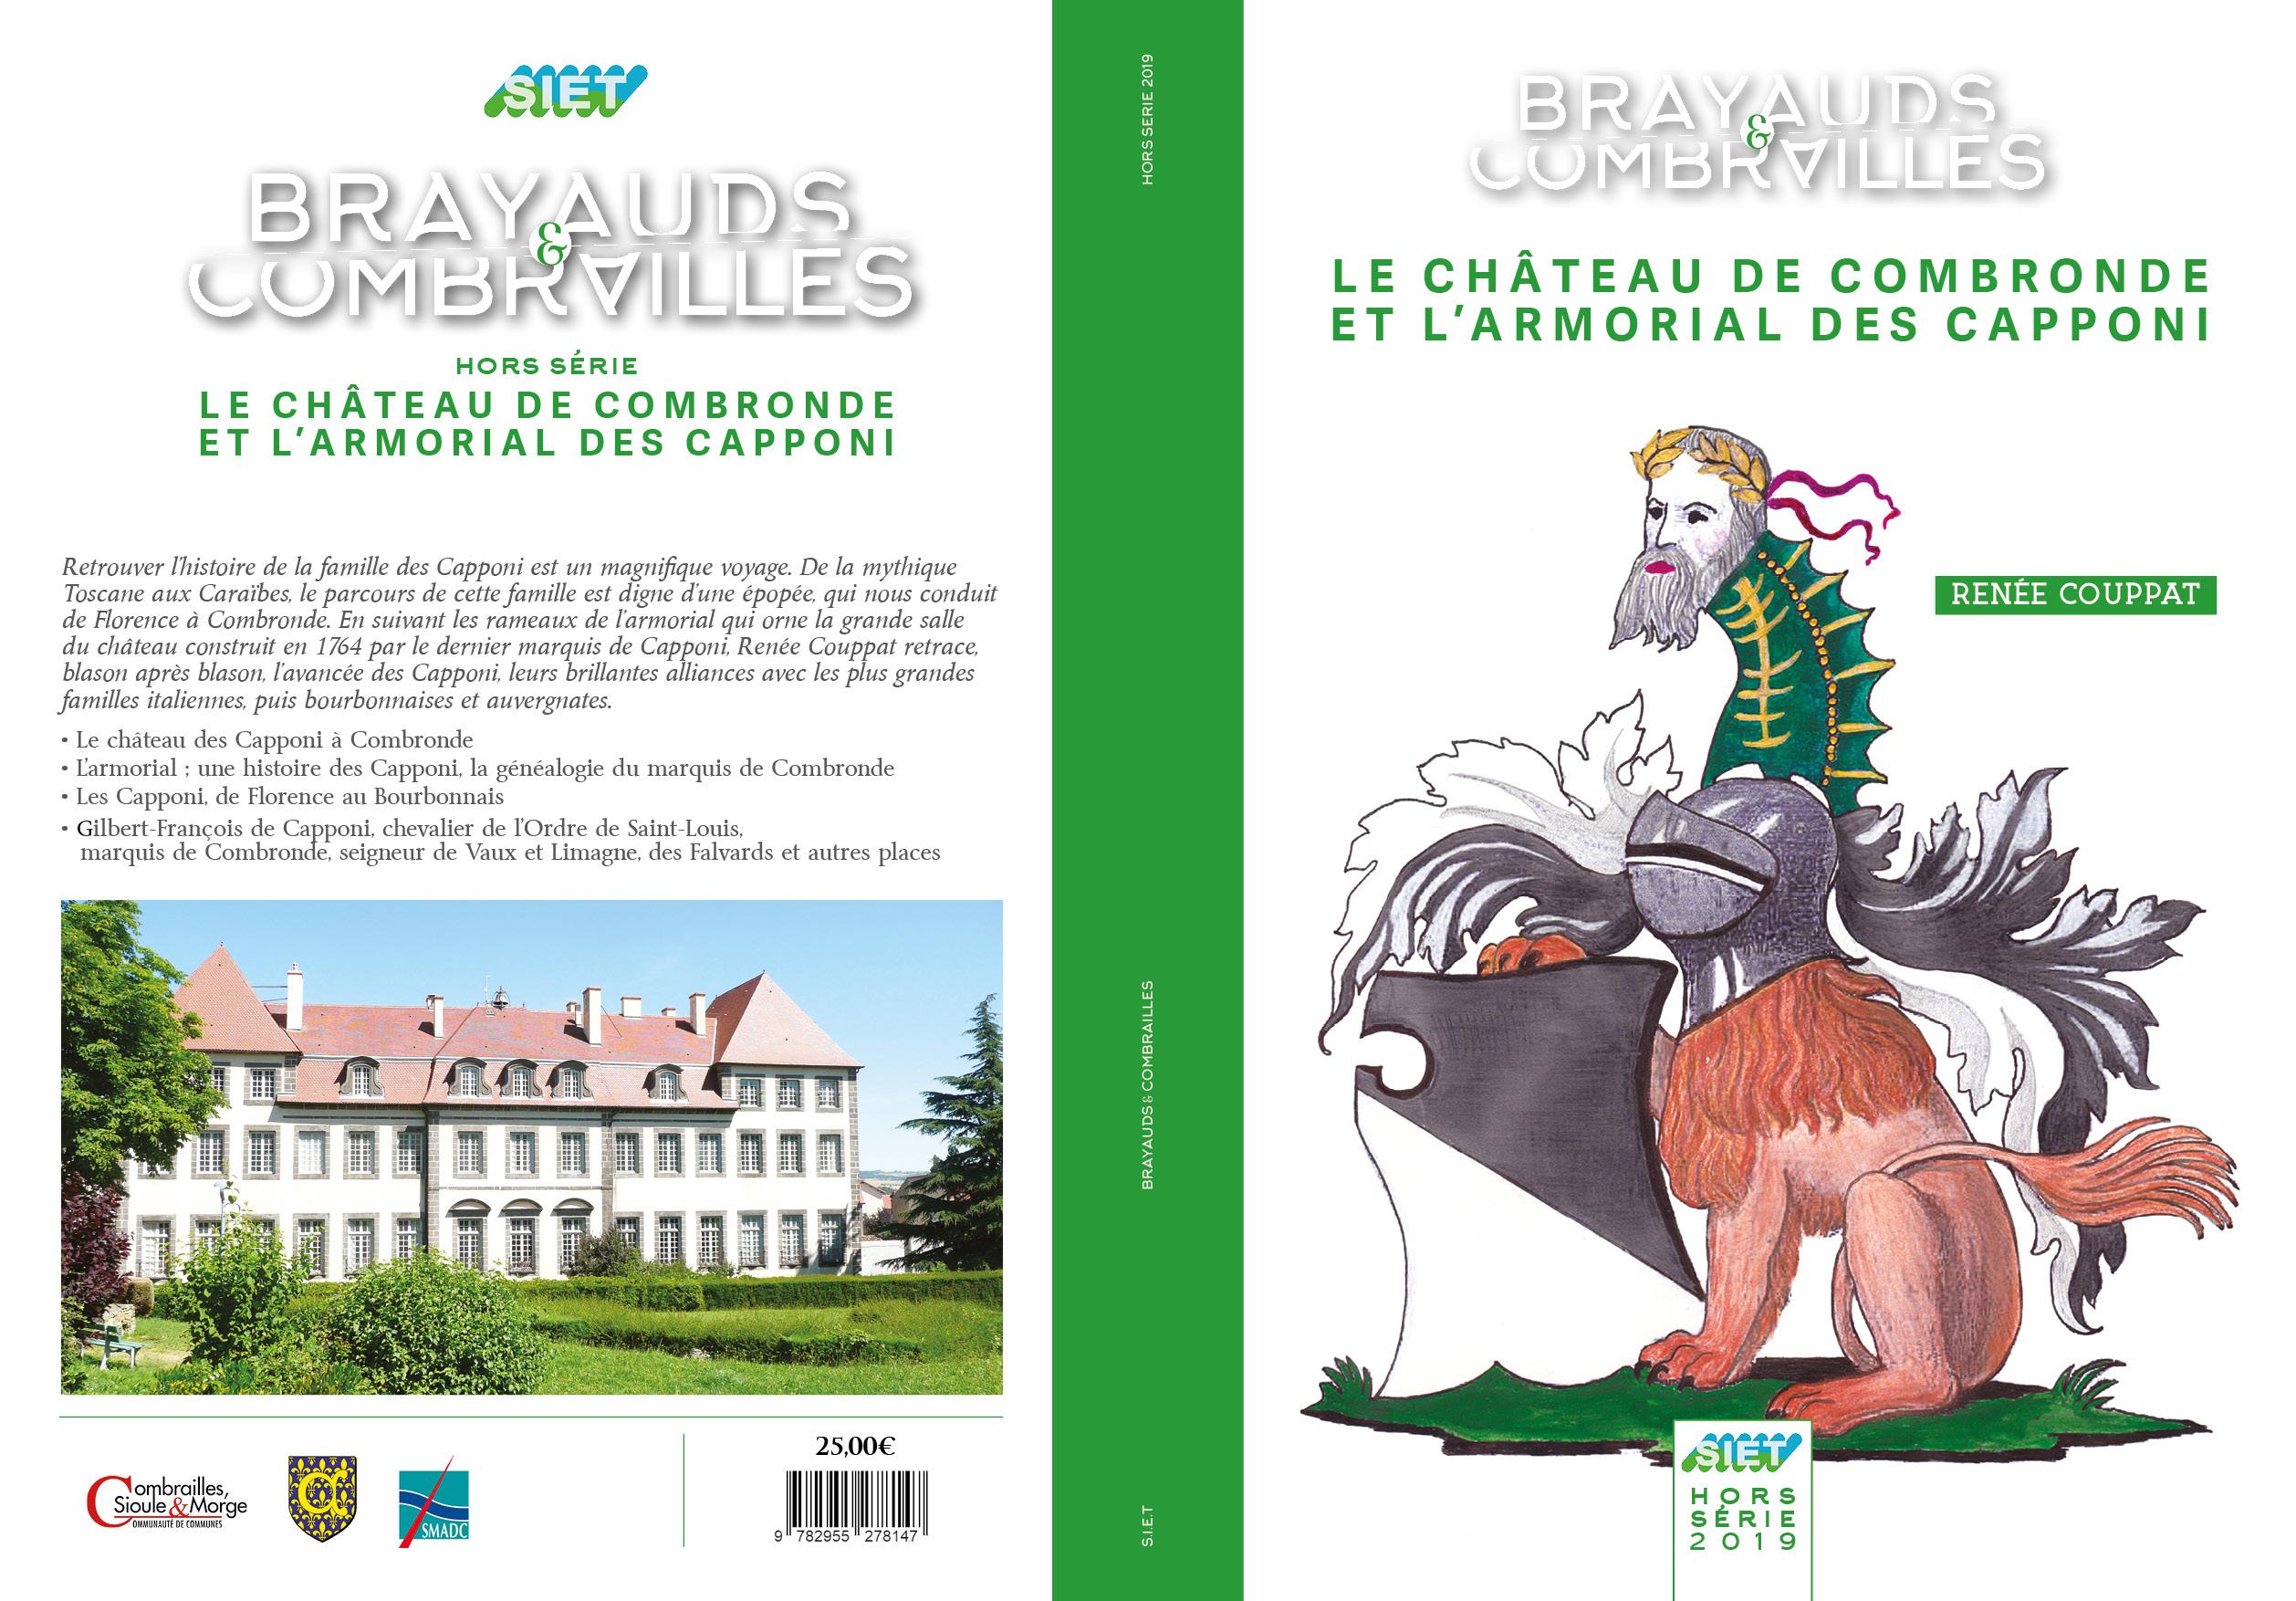 BRAYAUDS & COMBRAILLES  Le château de Combronde et l'armorial des Capponi